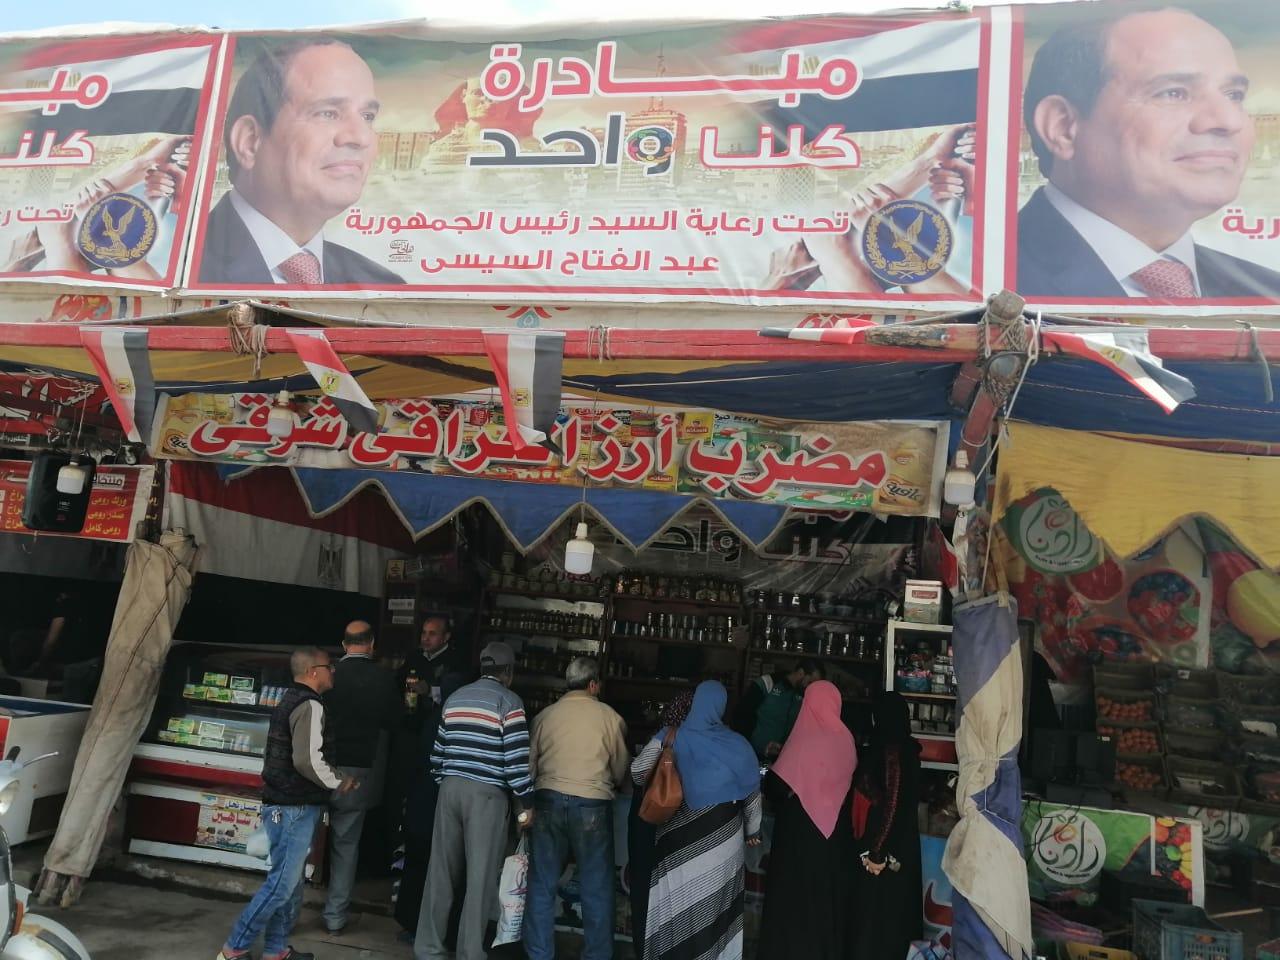 اسواق تحيا مصر للخضر والفاكهة بالغربية (6)